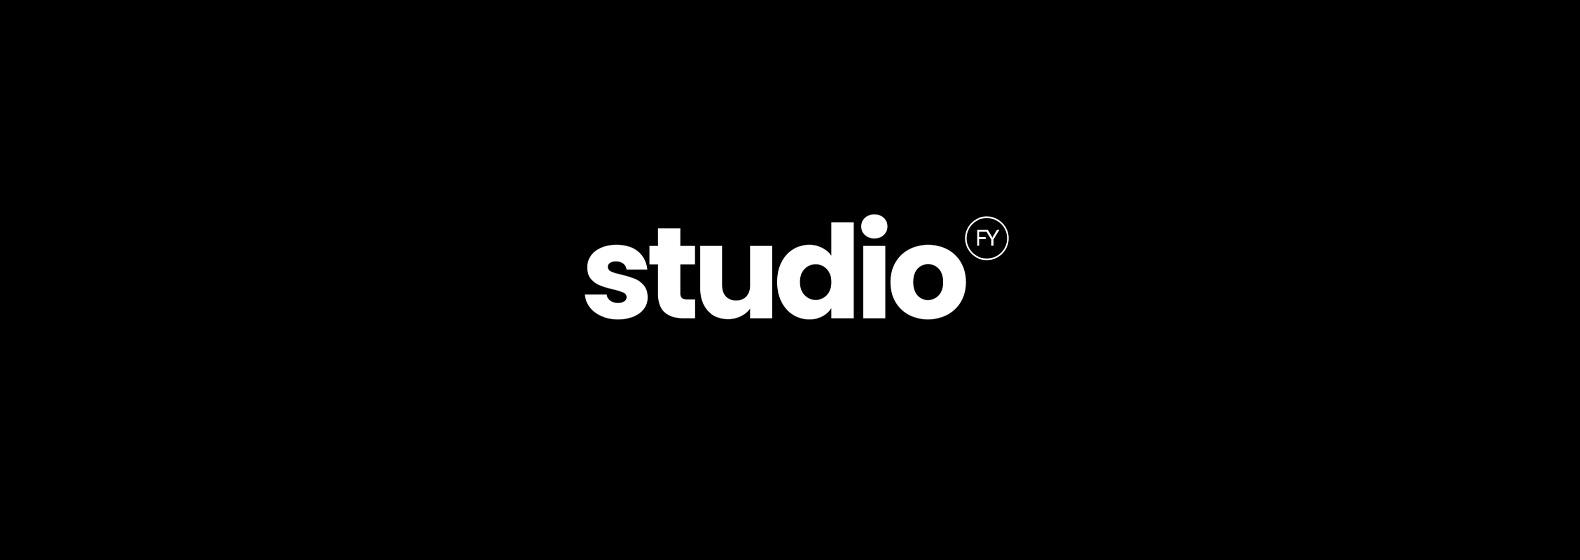 studiofy_headr.jpg